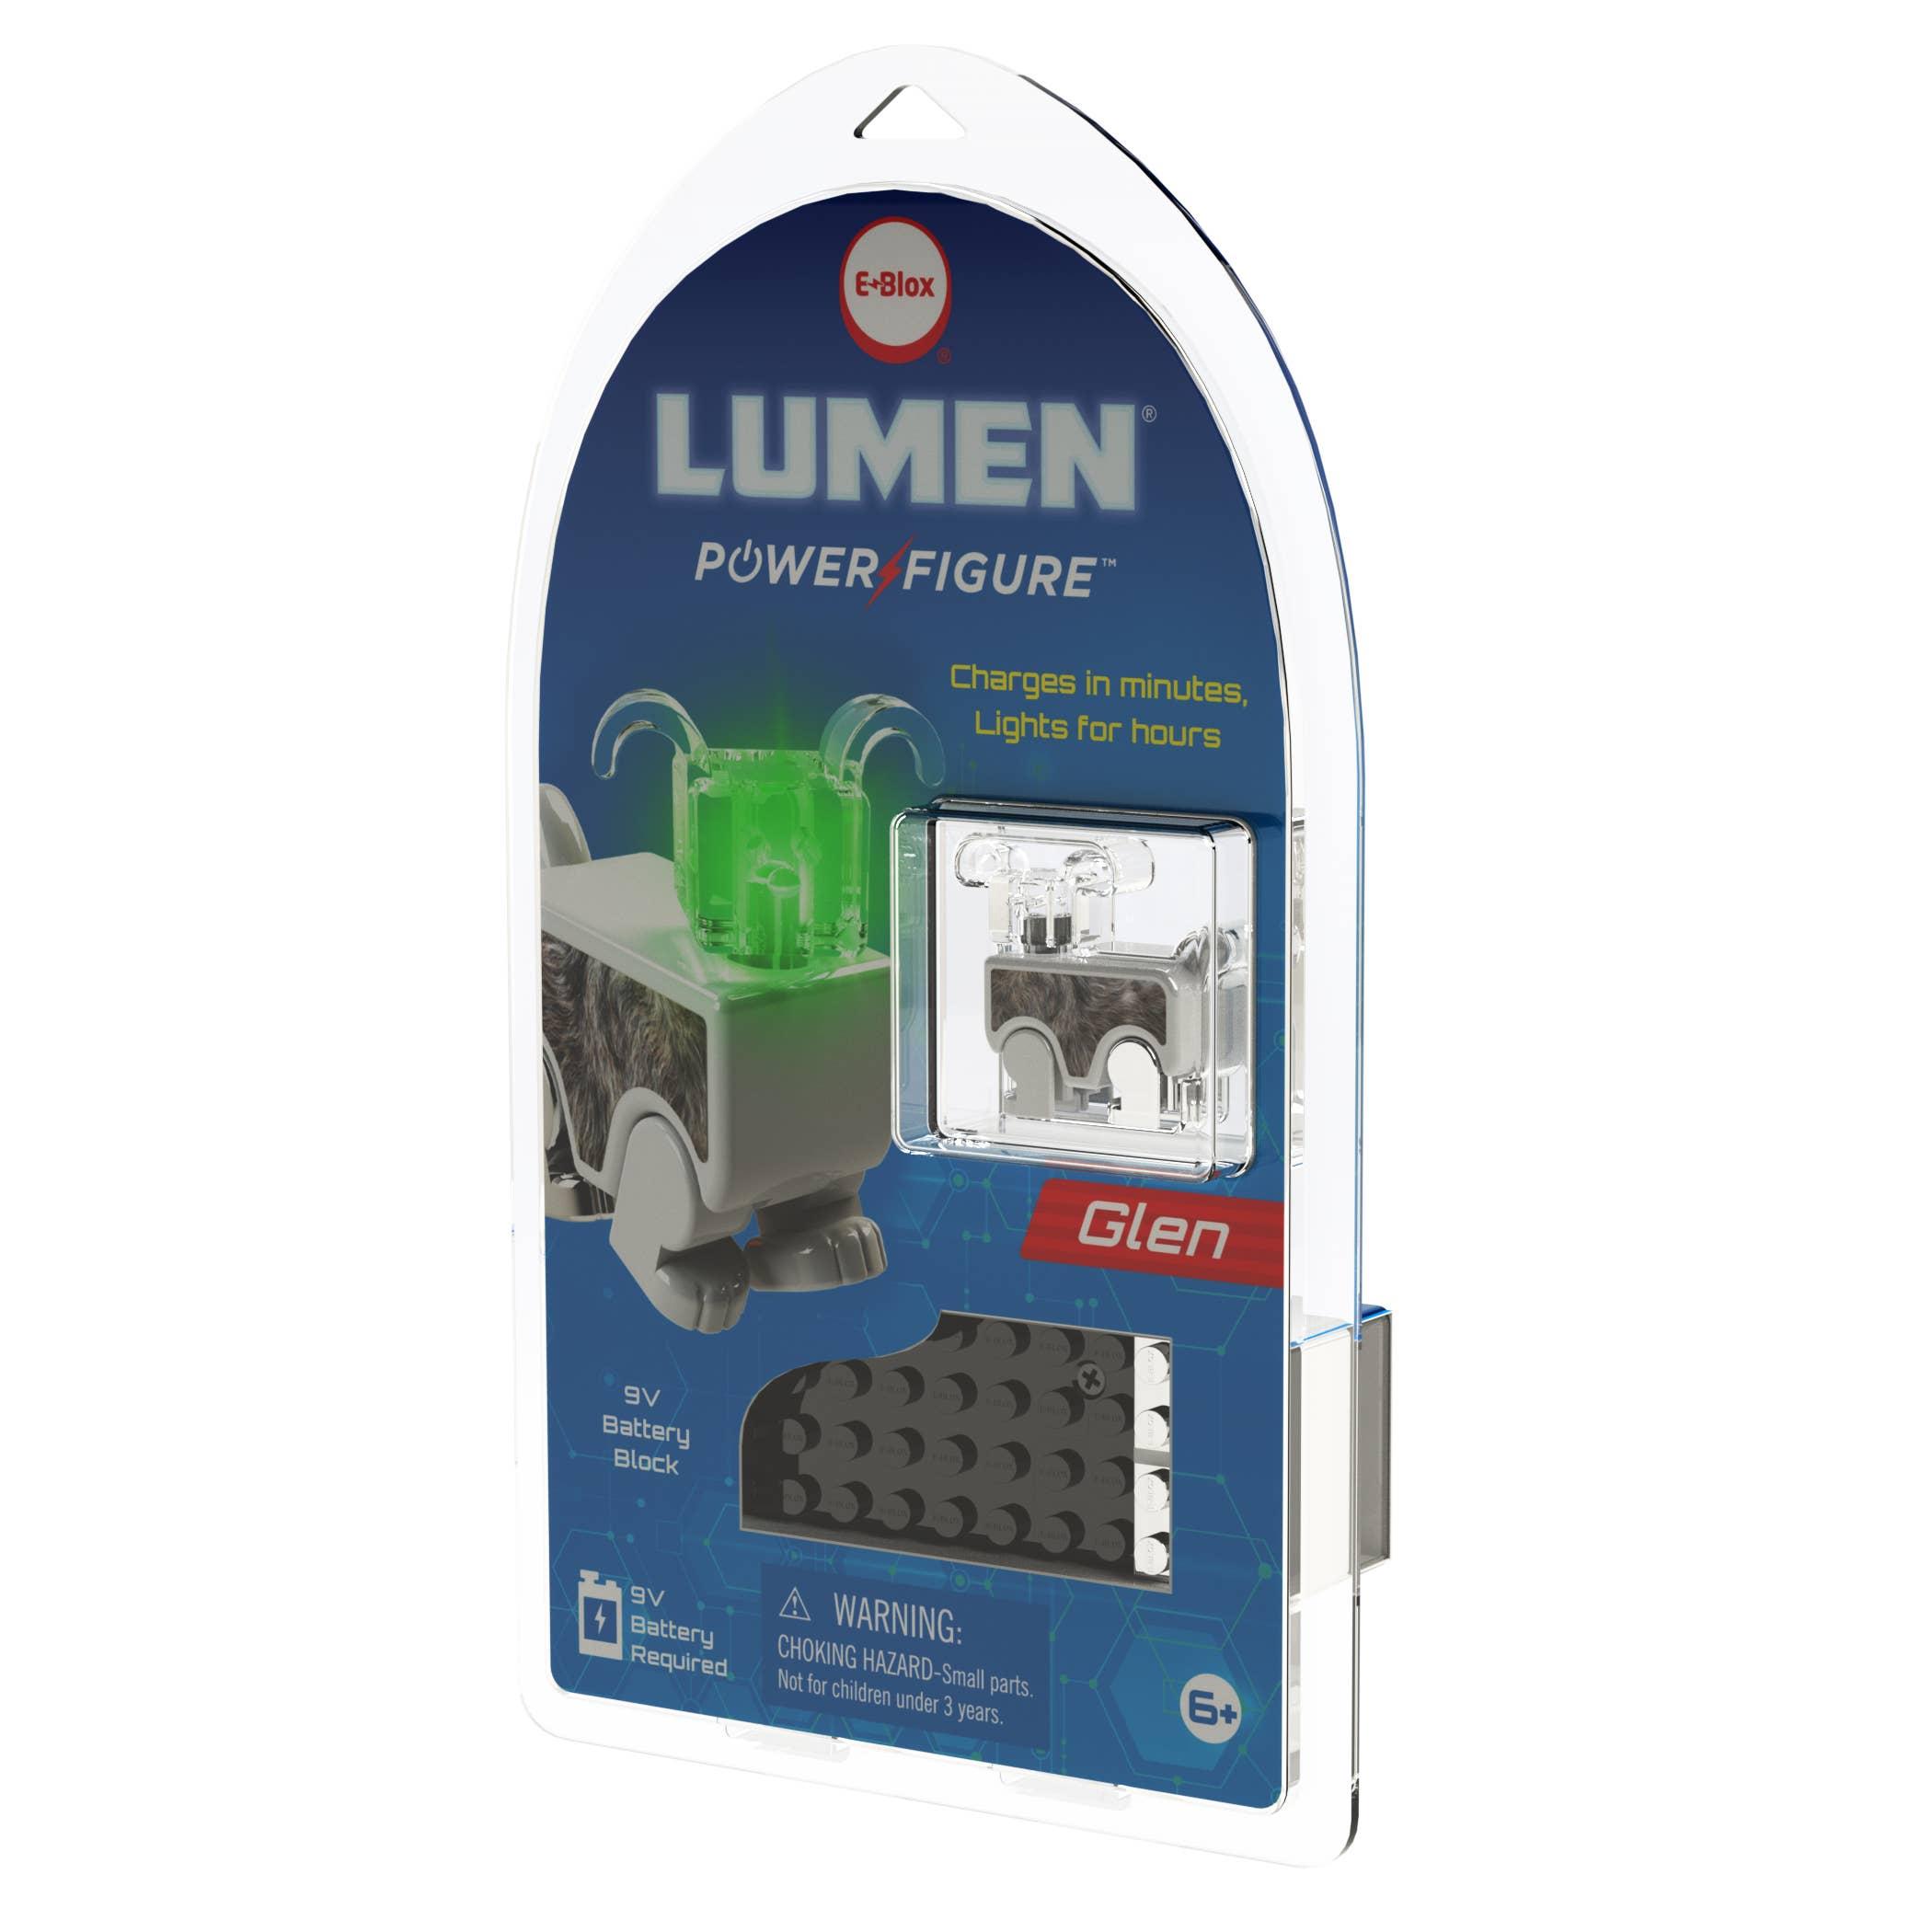 LUMEN®- Glen- Illuminated PowerFigure   Trada Marketplace